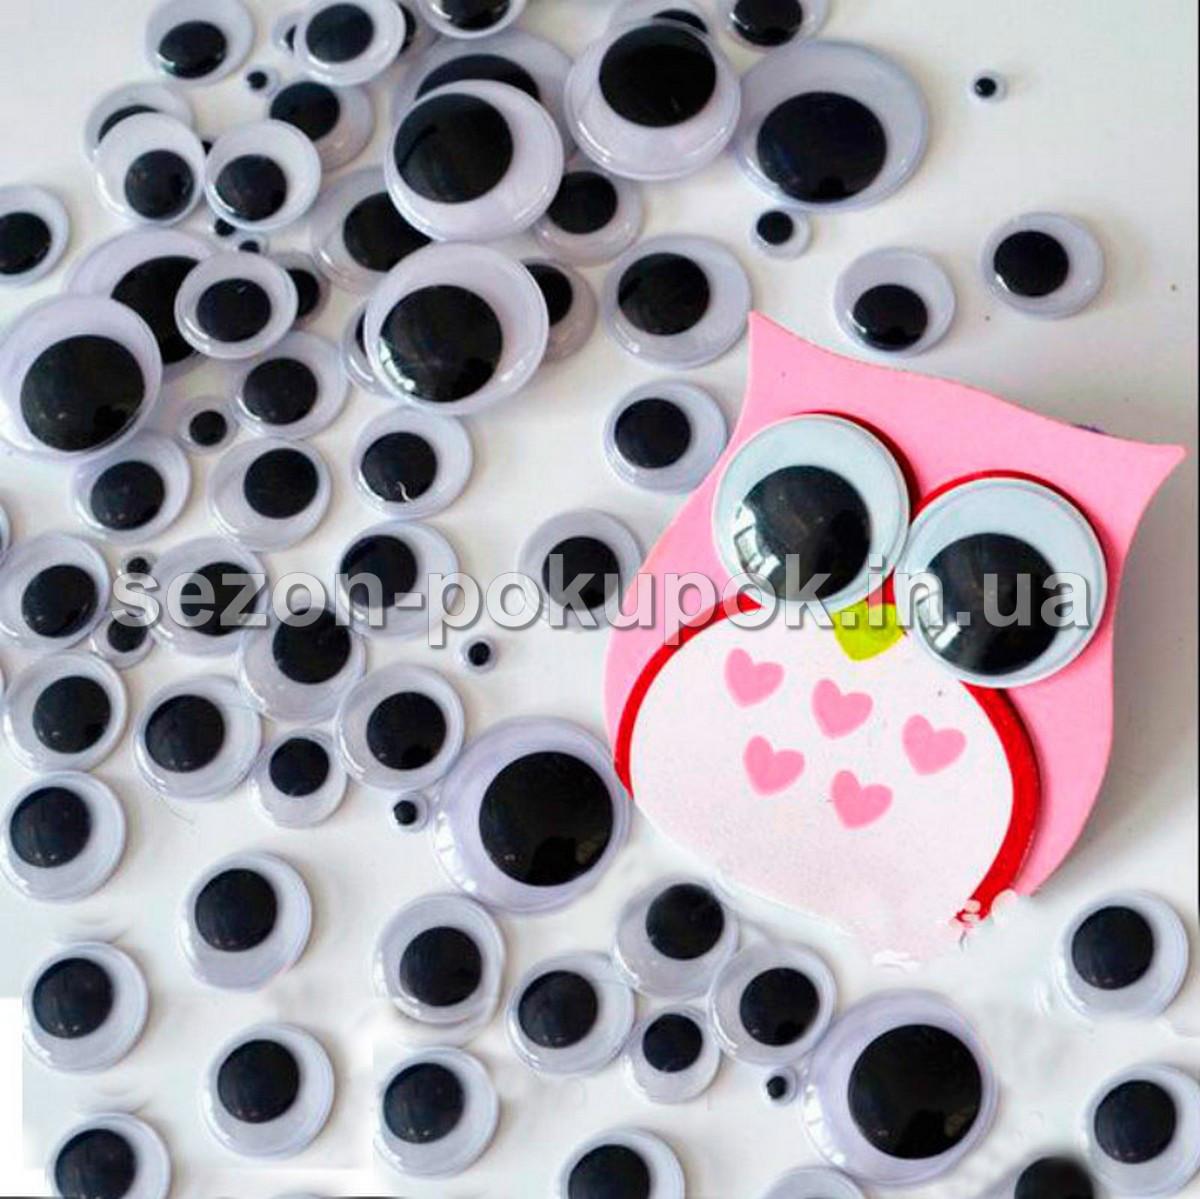 купить 10 граммd10мм подвижные глазки для игрушек D10мм прим